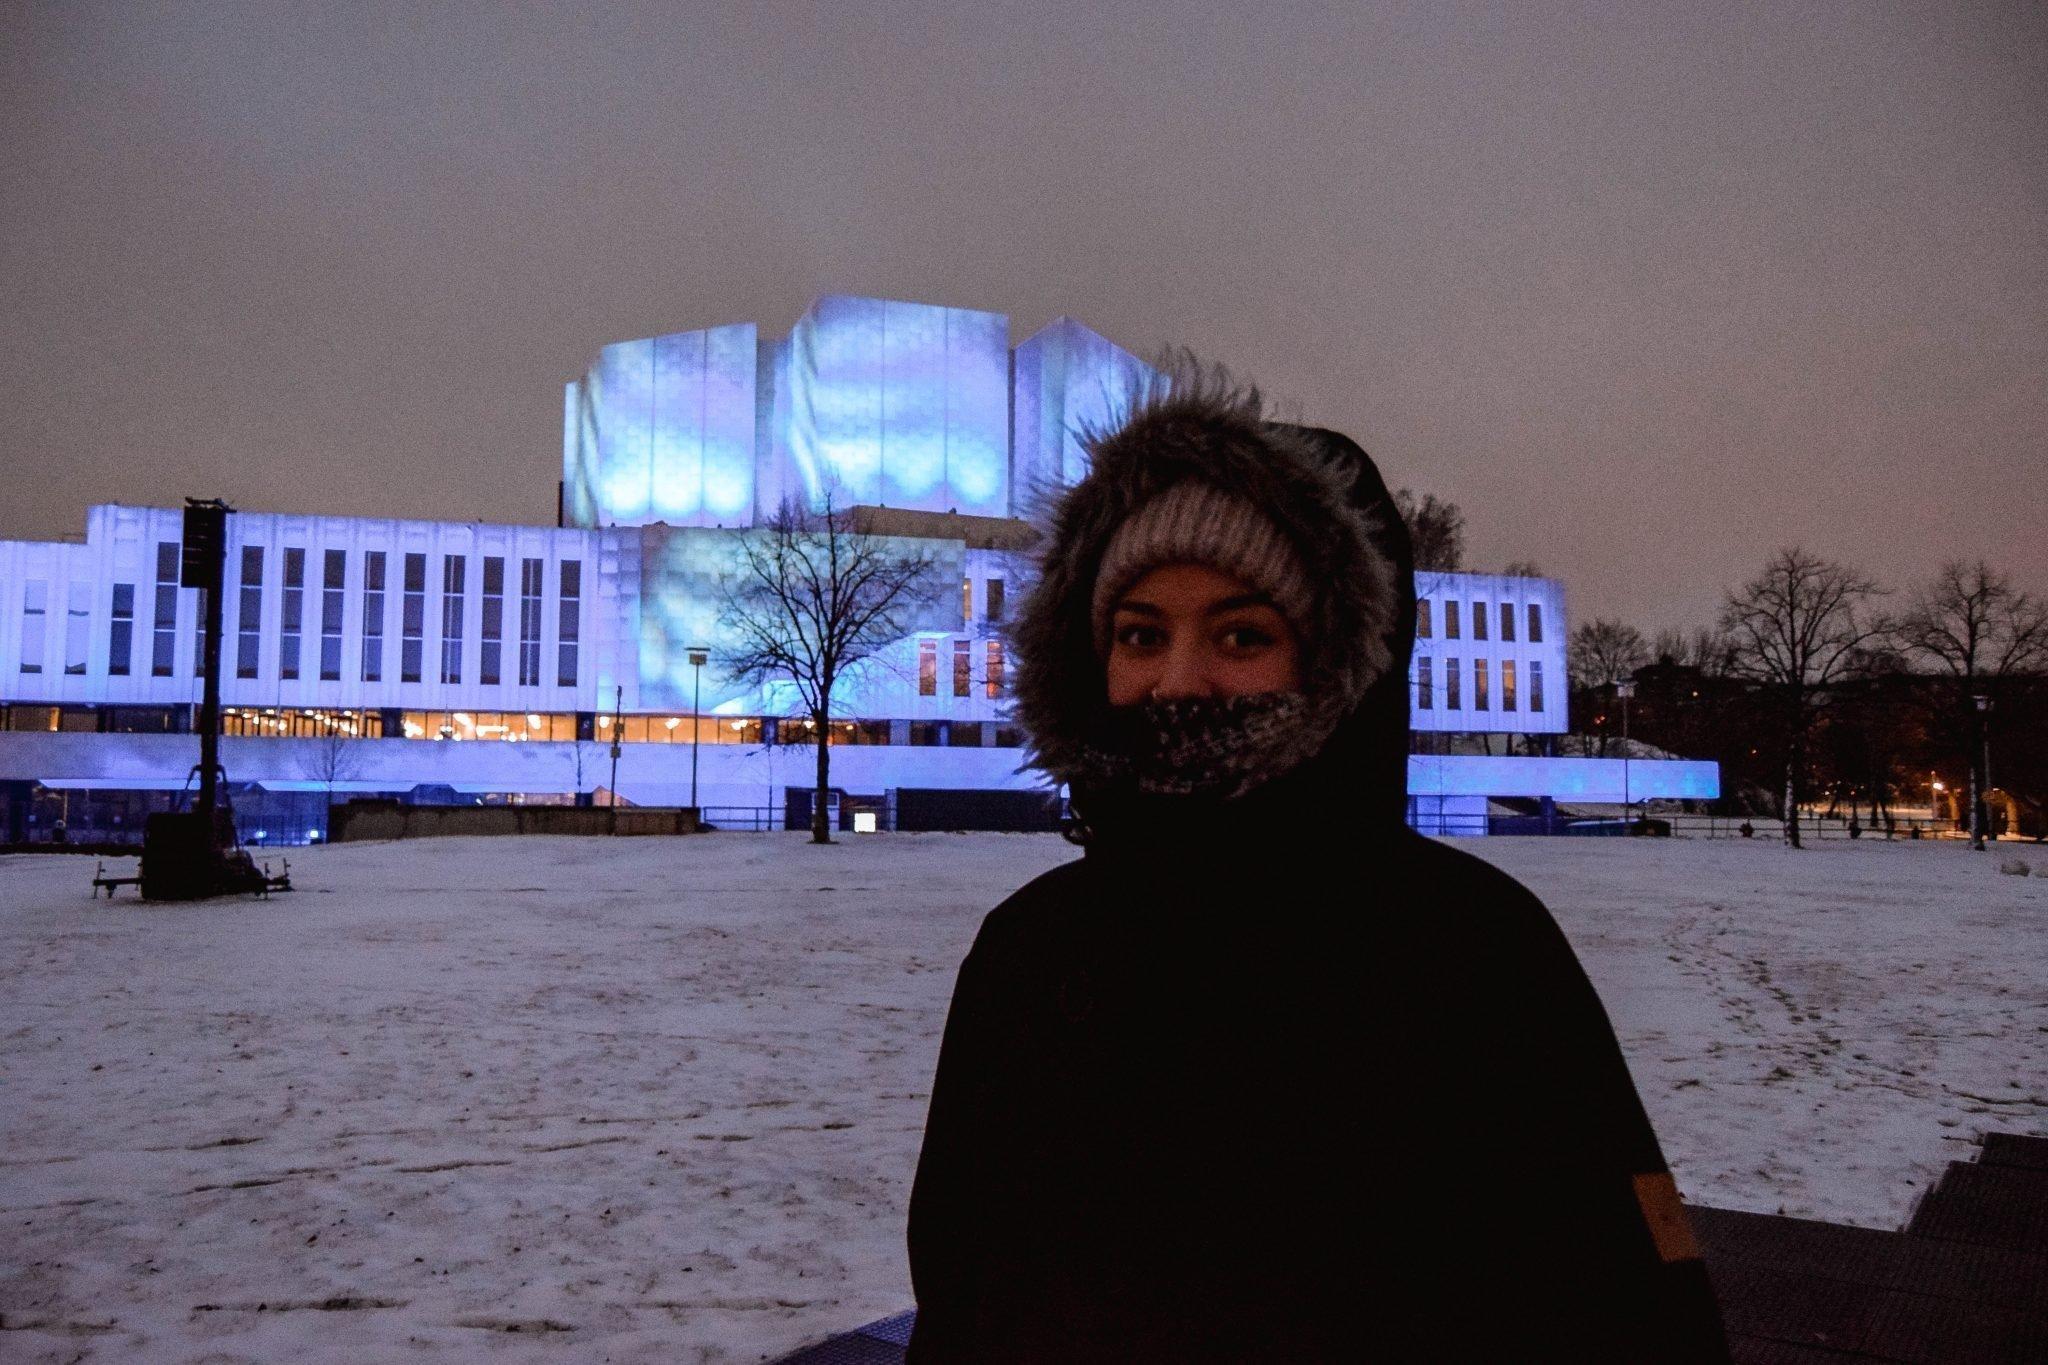 Things To Do In Helsinki In Winter - LUX Helsinki Finlandia Hall